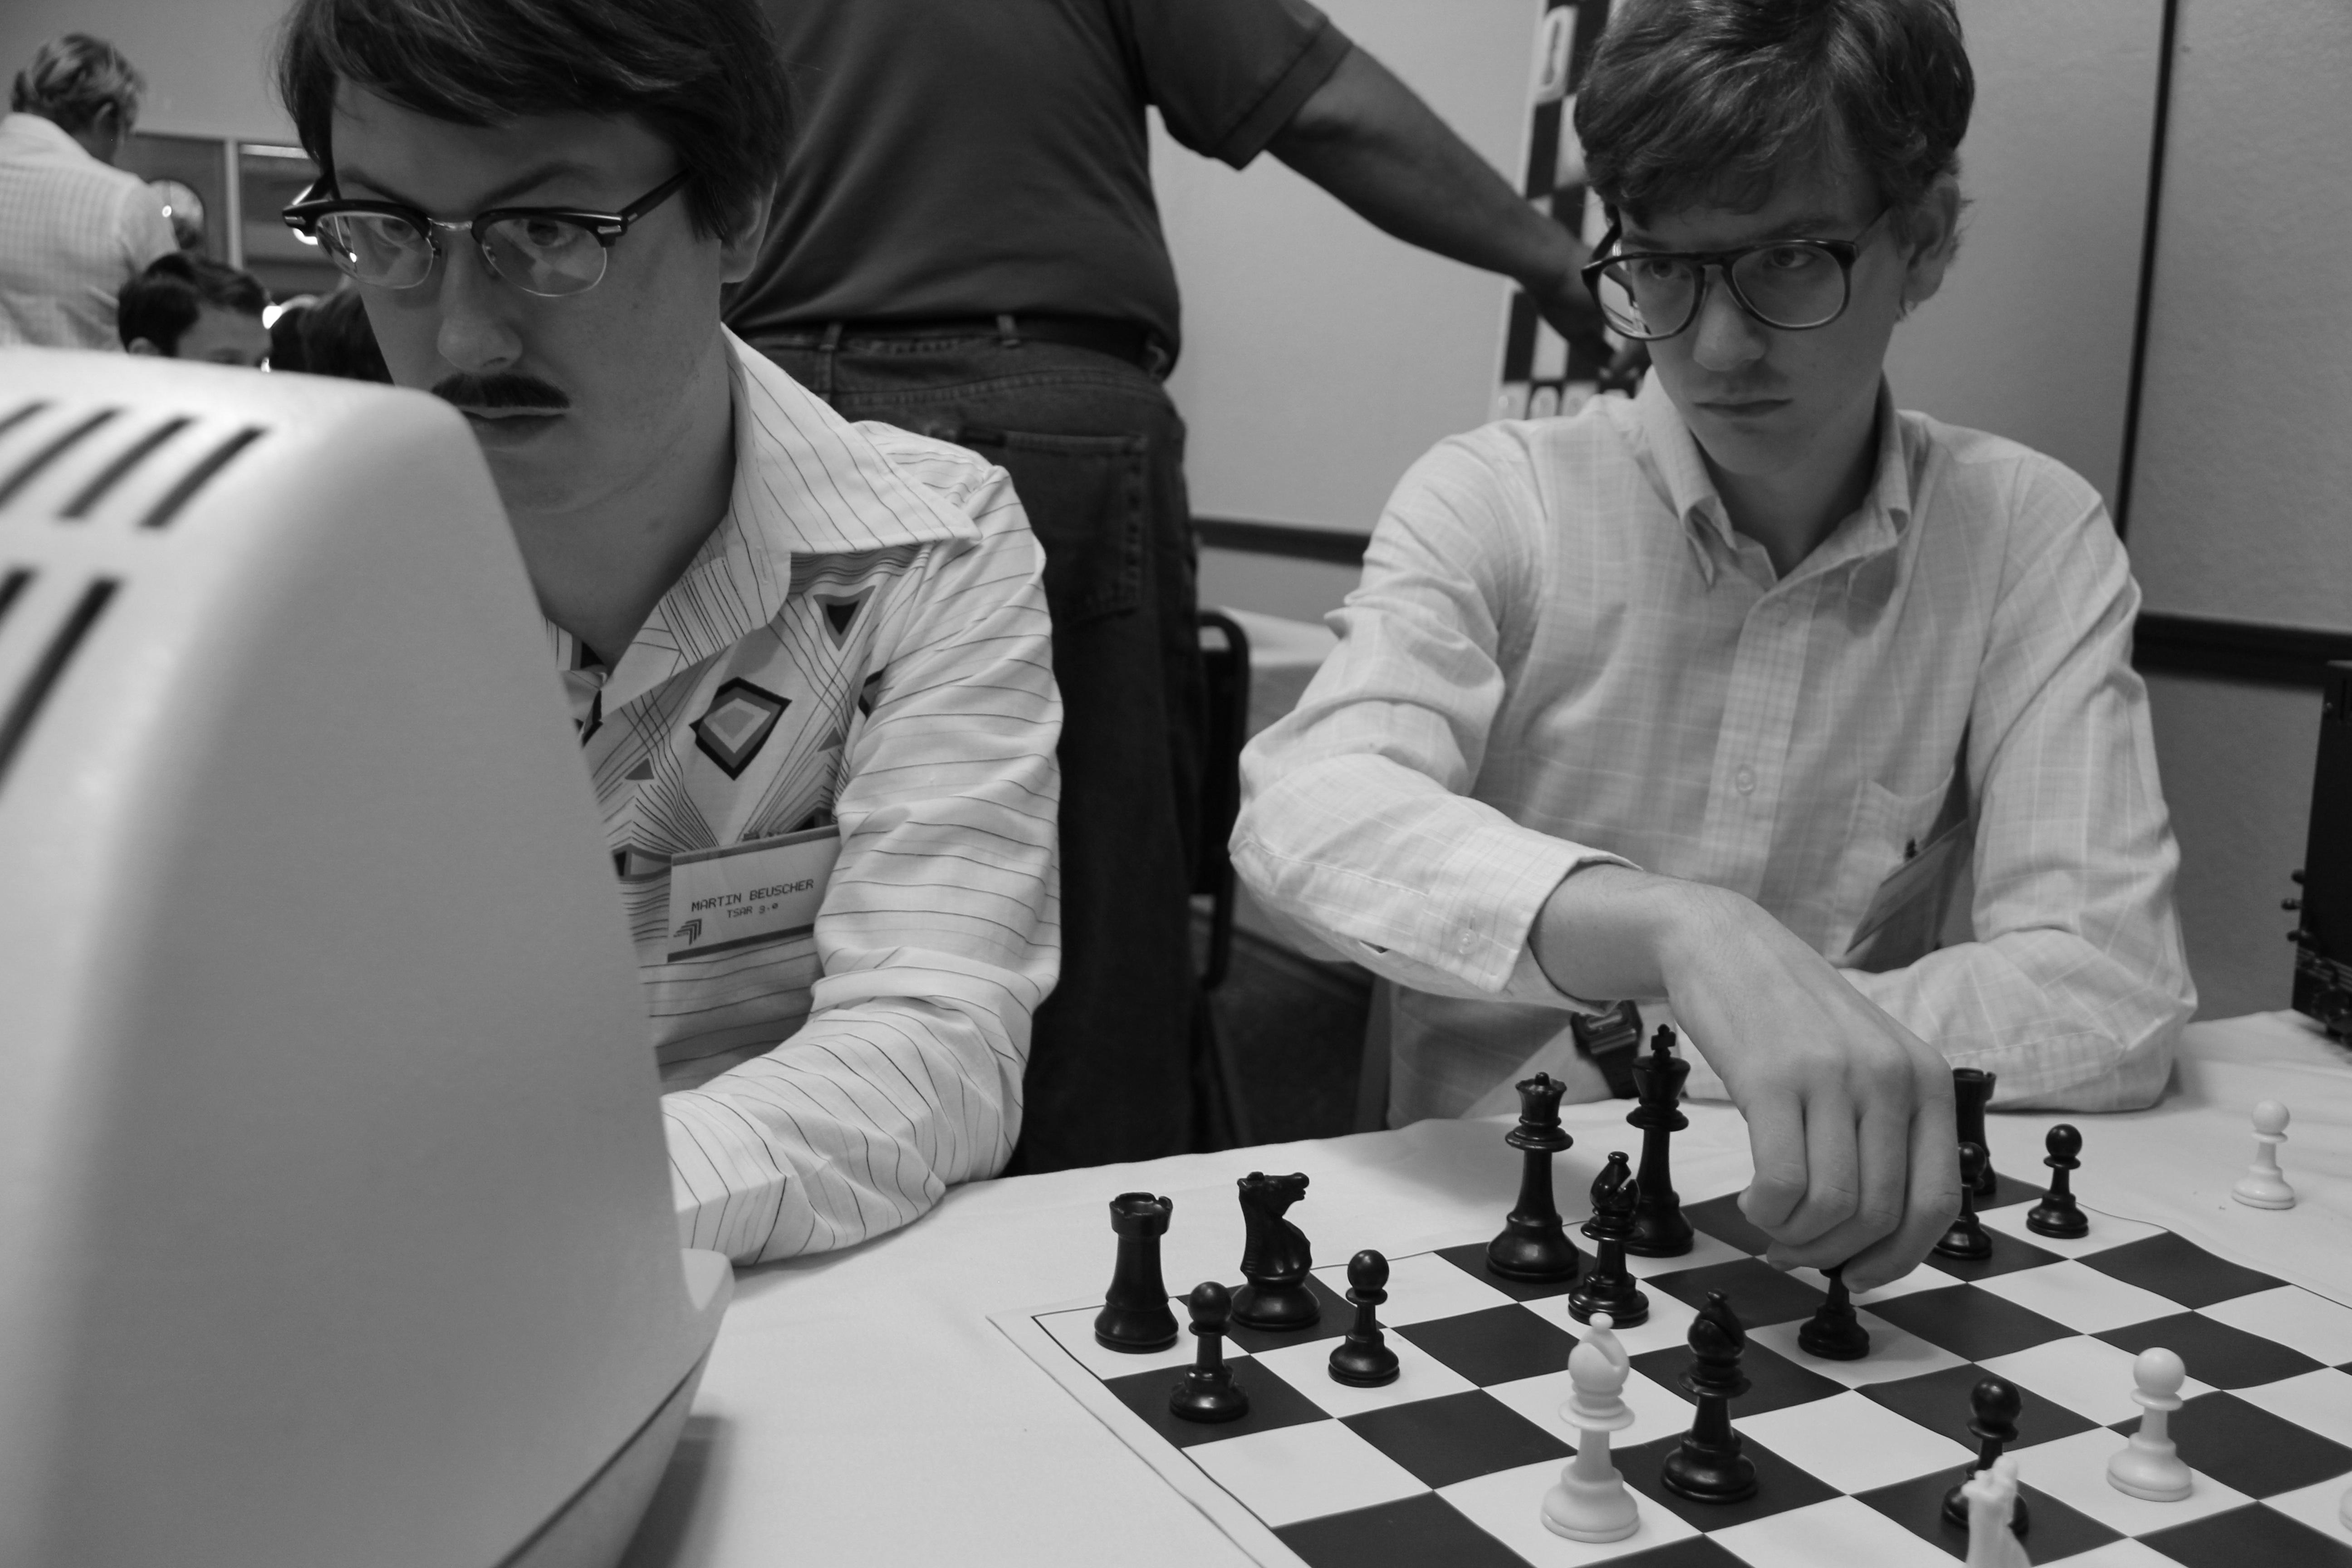 Computer_Chess_01.jpg